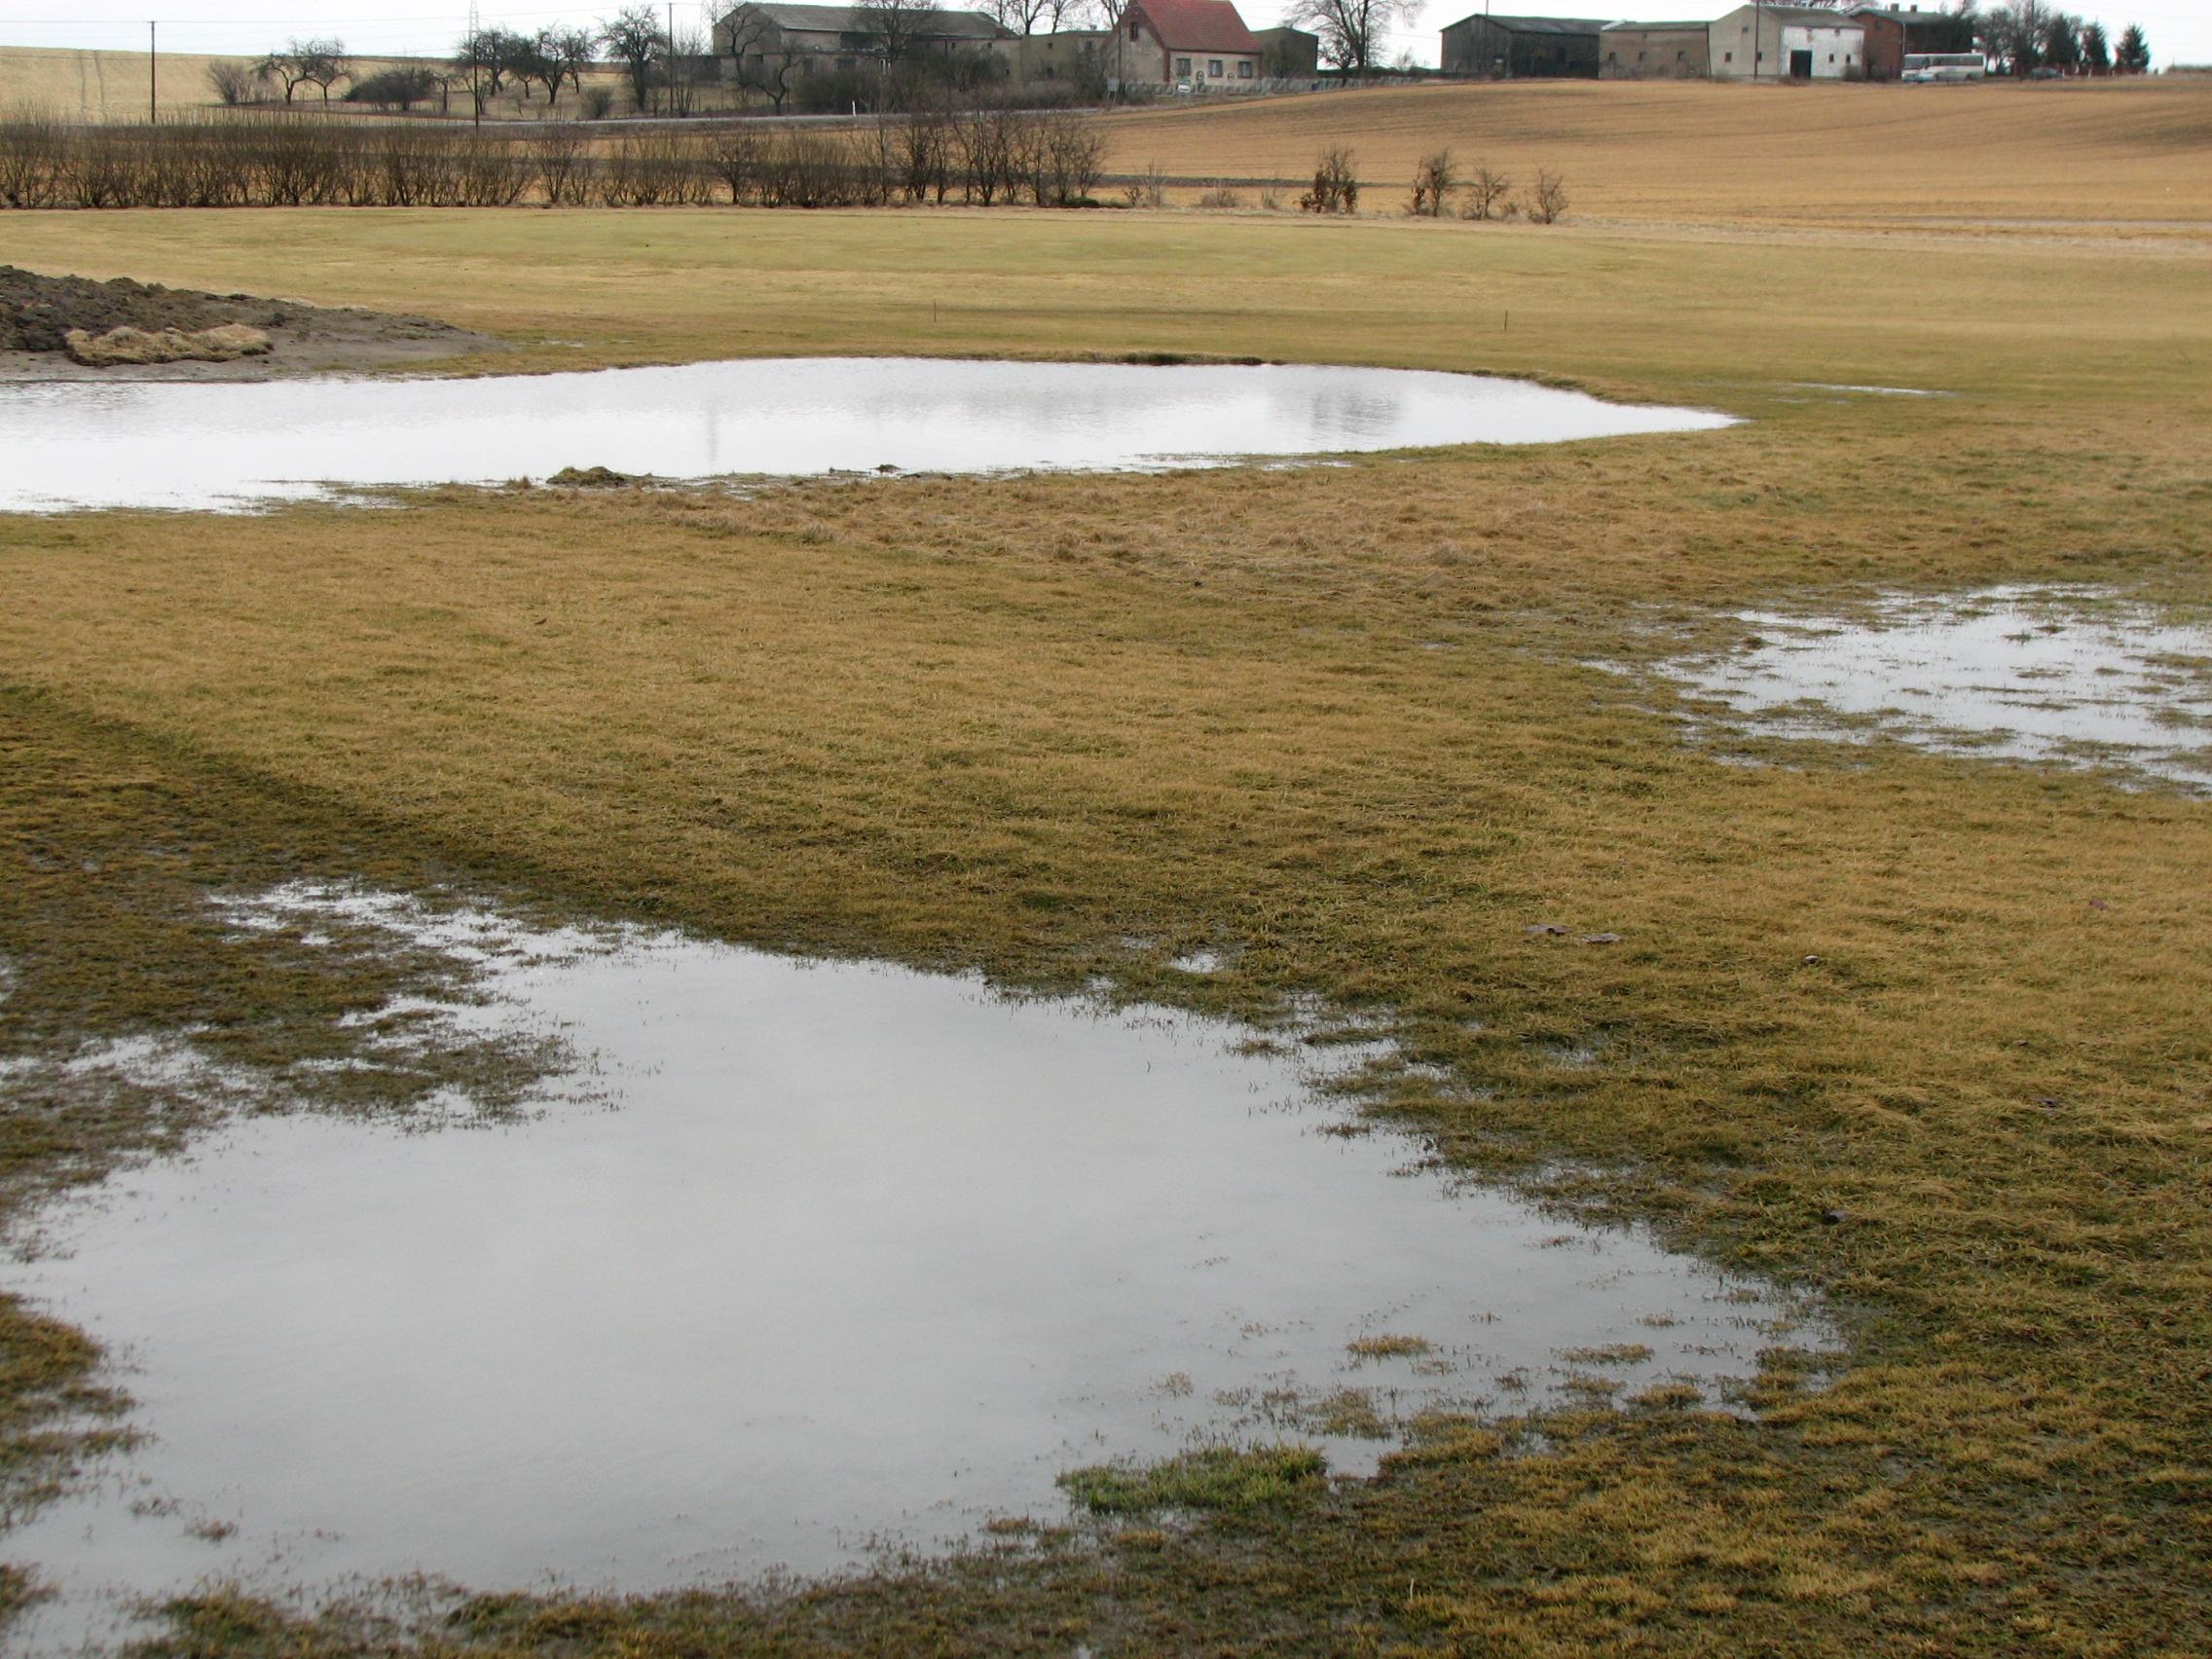 Niestety na start sezonu przyjdzie nam jeszcze trochę poczekać. Pole jest jeszcze bardzo mokre, wszystkie bunkry są pełne wody a w niektórych miejscach stoją wielkie kałuże. Widok na czwarty green